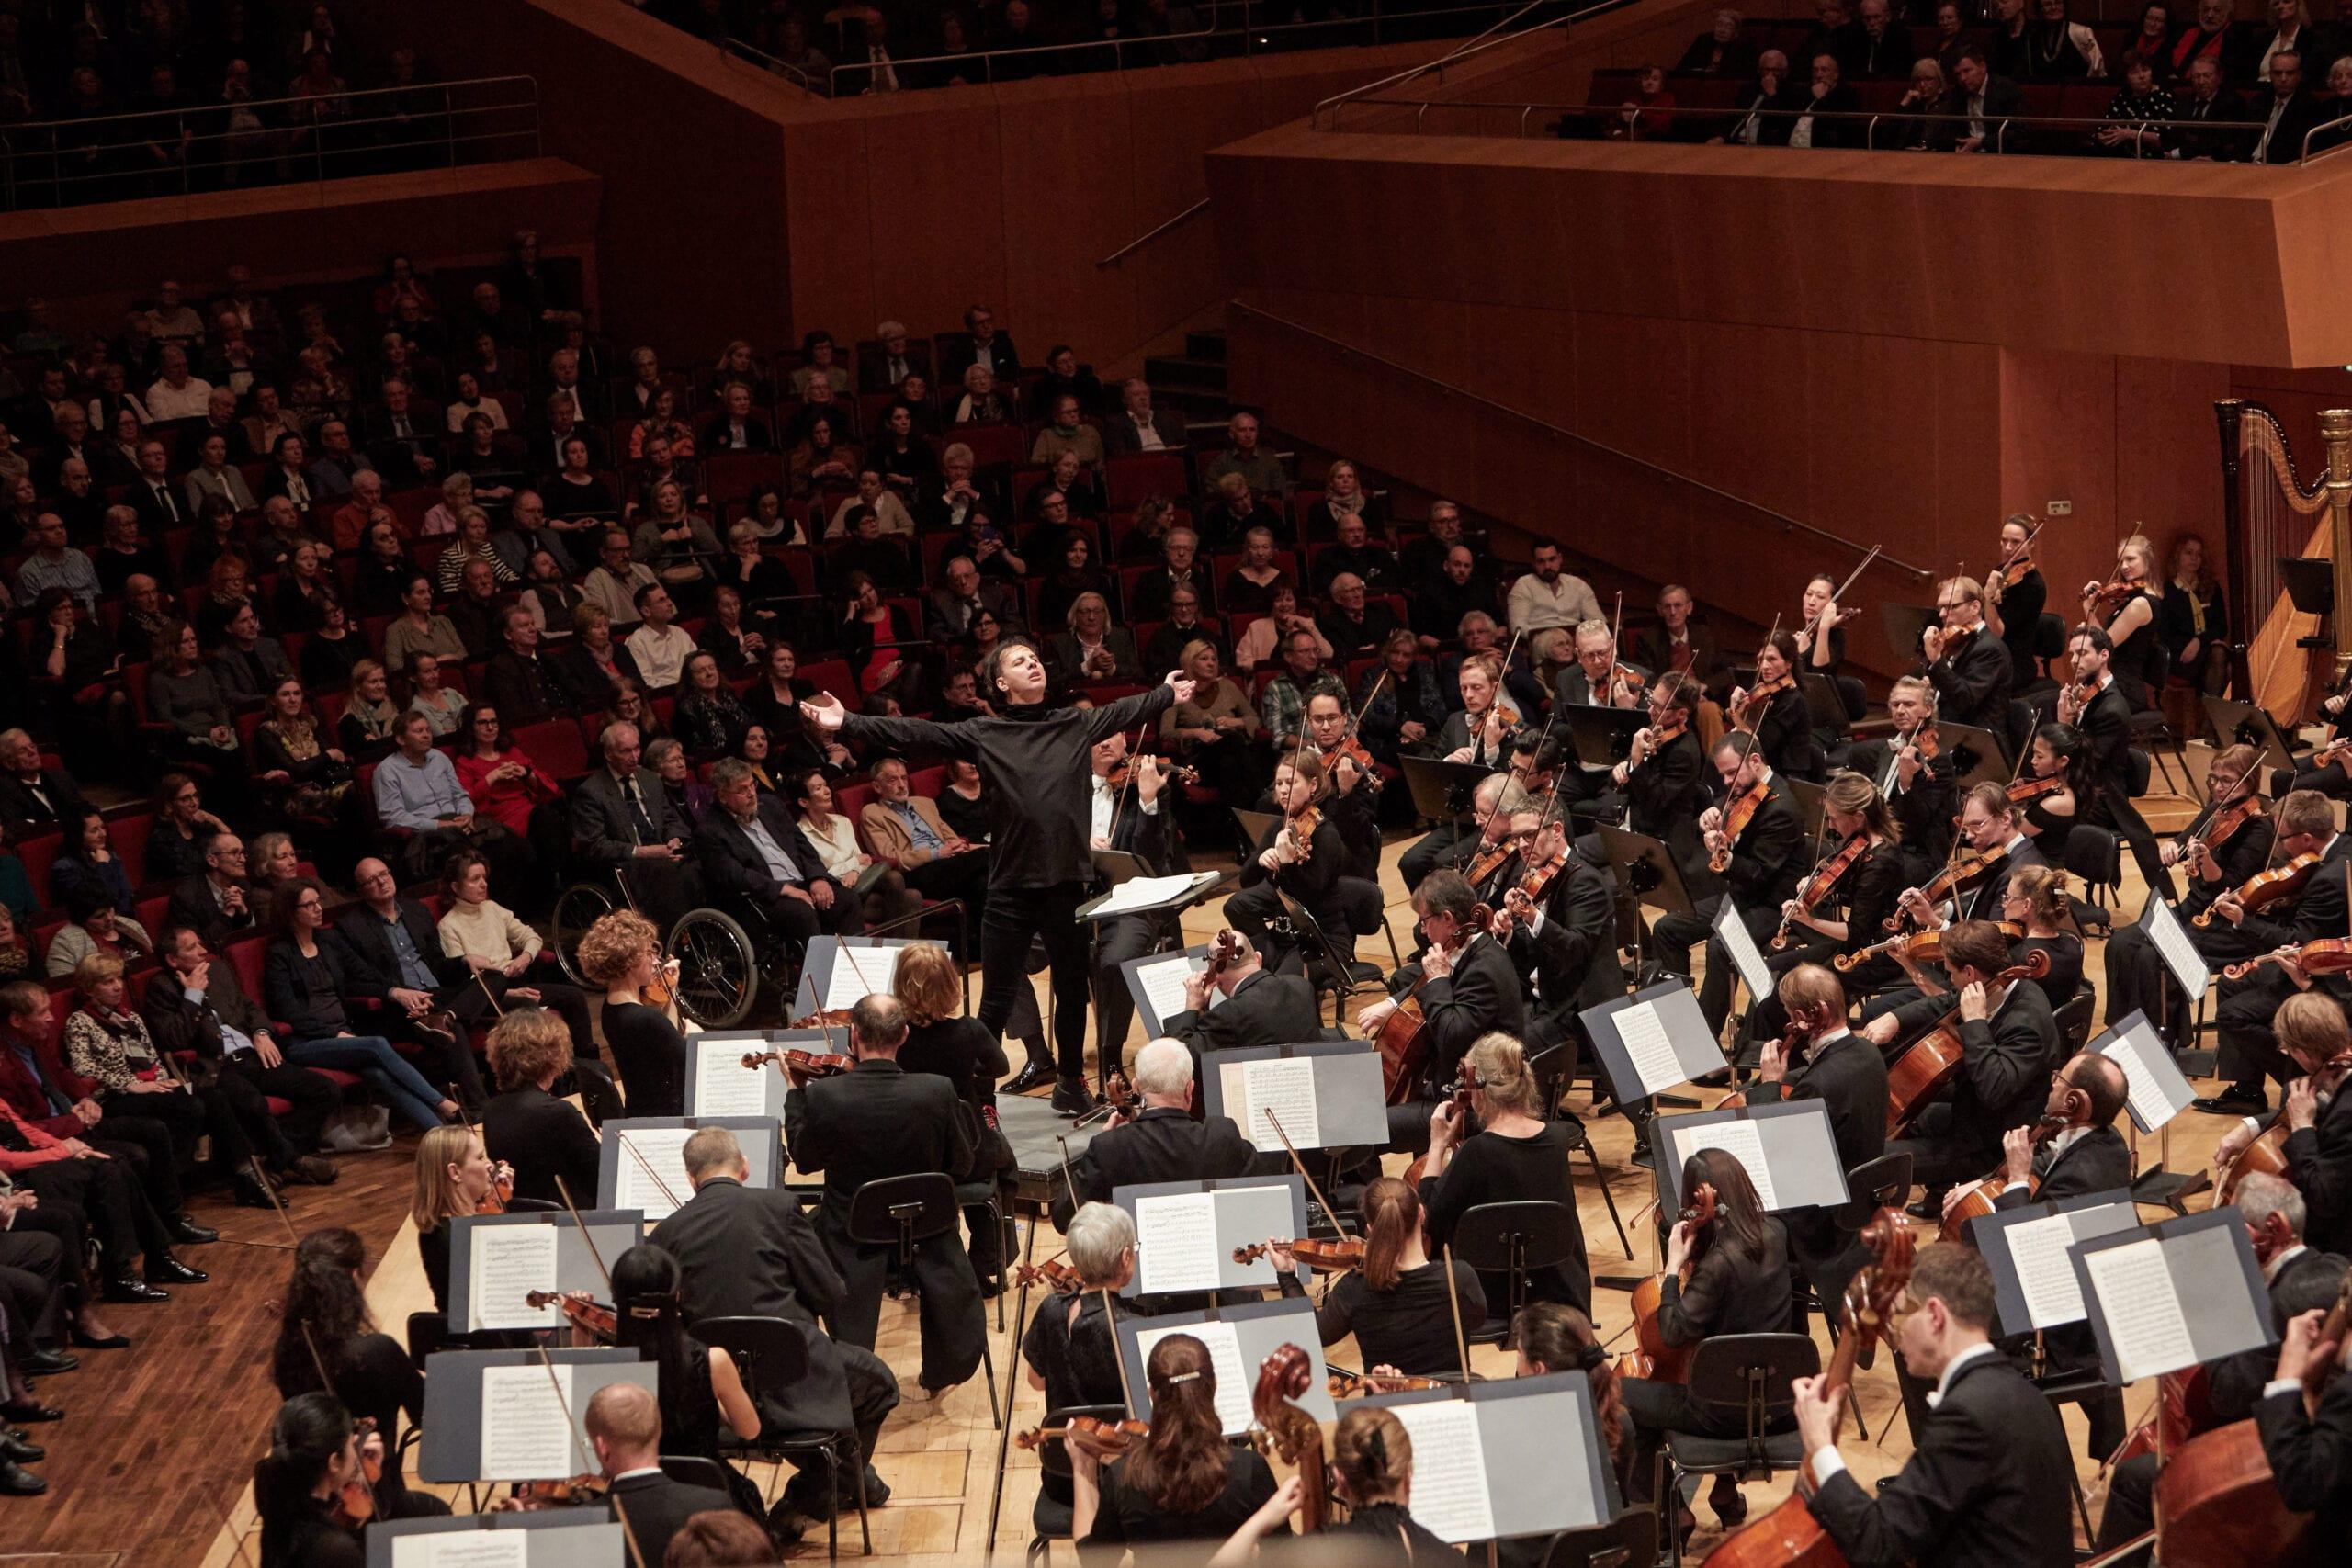 Концерты SWR Symphonieorchester и Теодора Курентзиса в Люцерне и Турине отменены